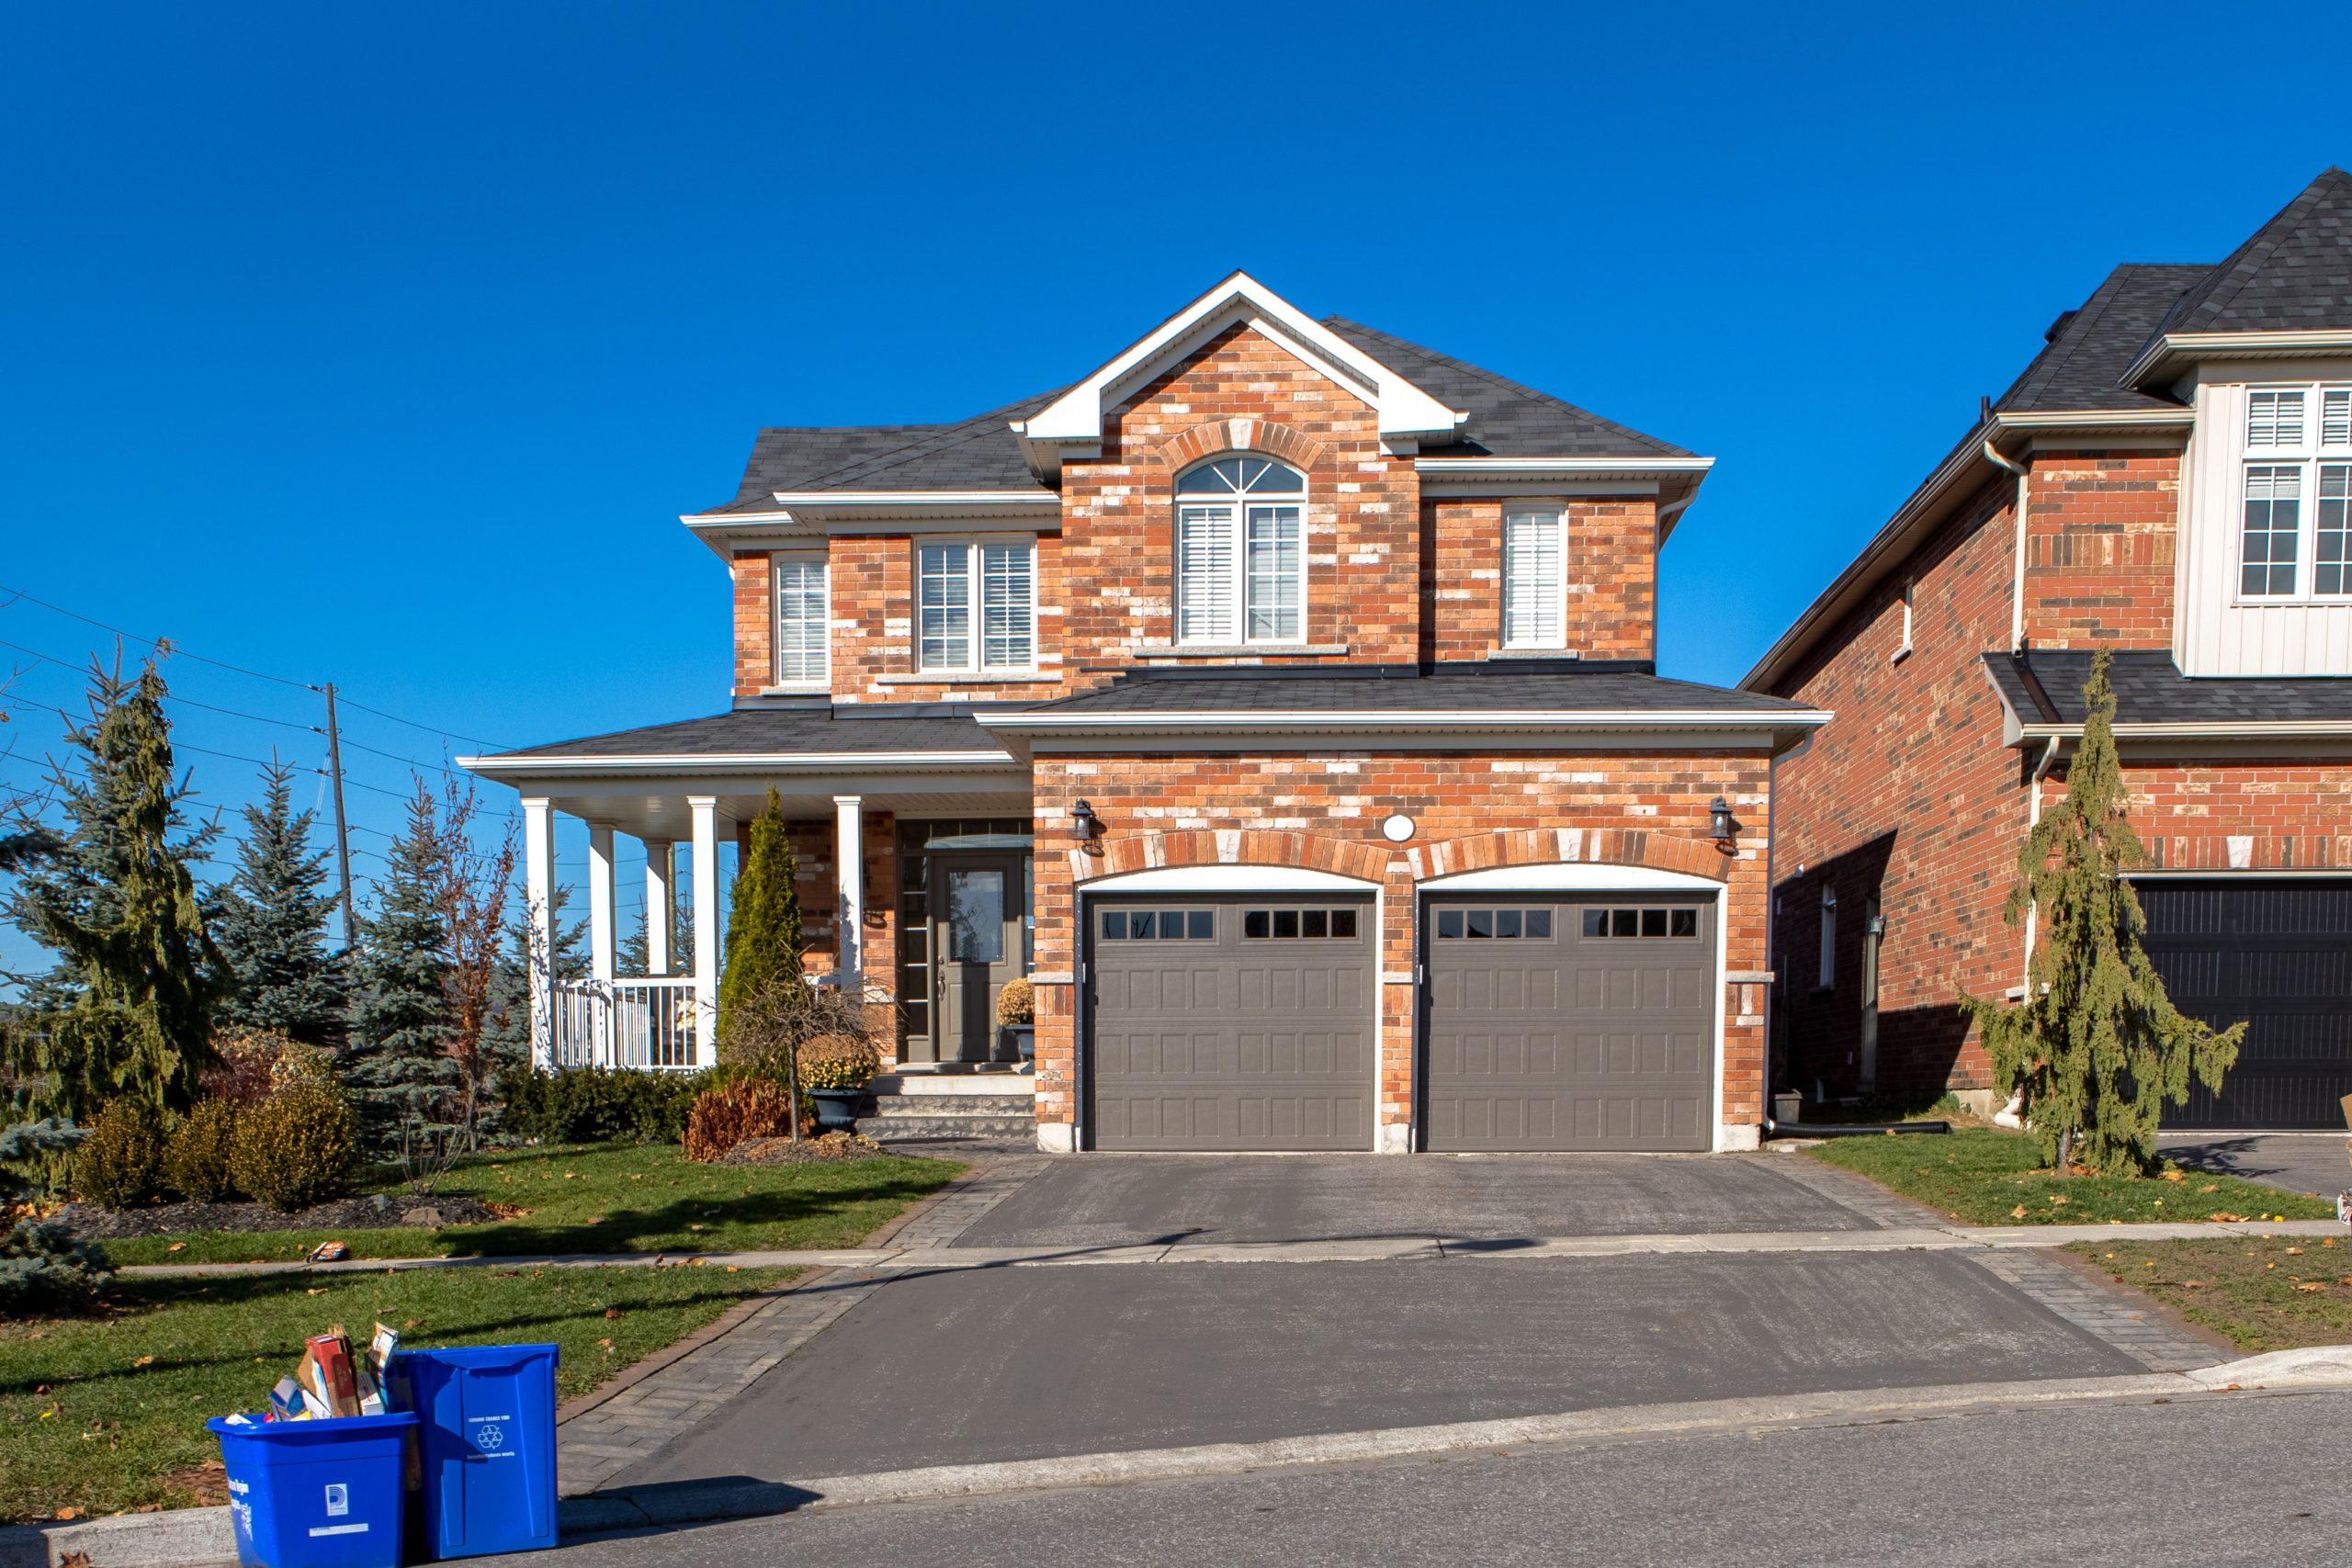 二世帯住宅の間取りのポイント2 完全分離型二世帯住宅のメリット・デメリット